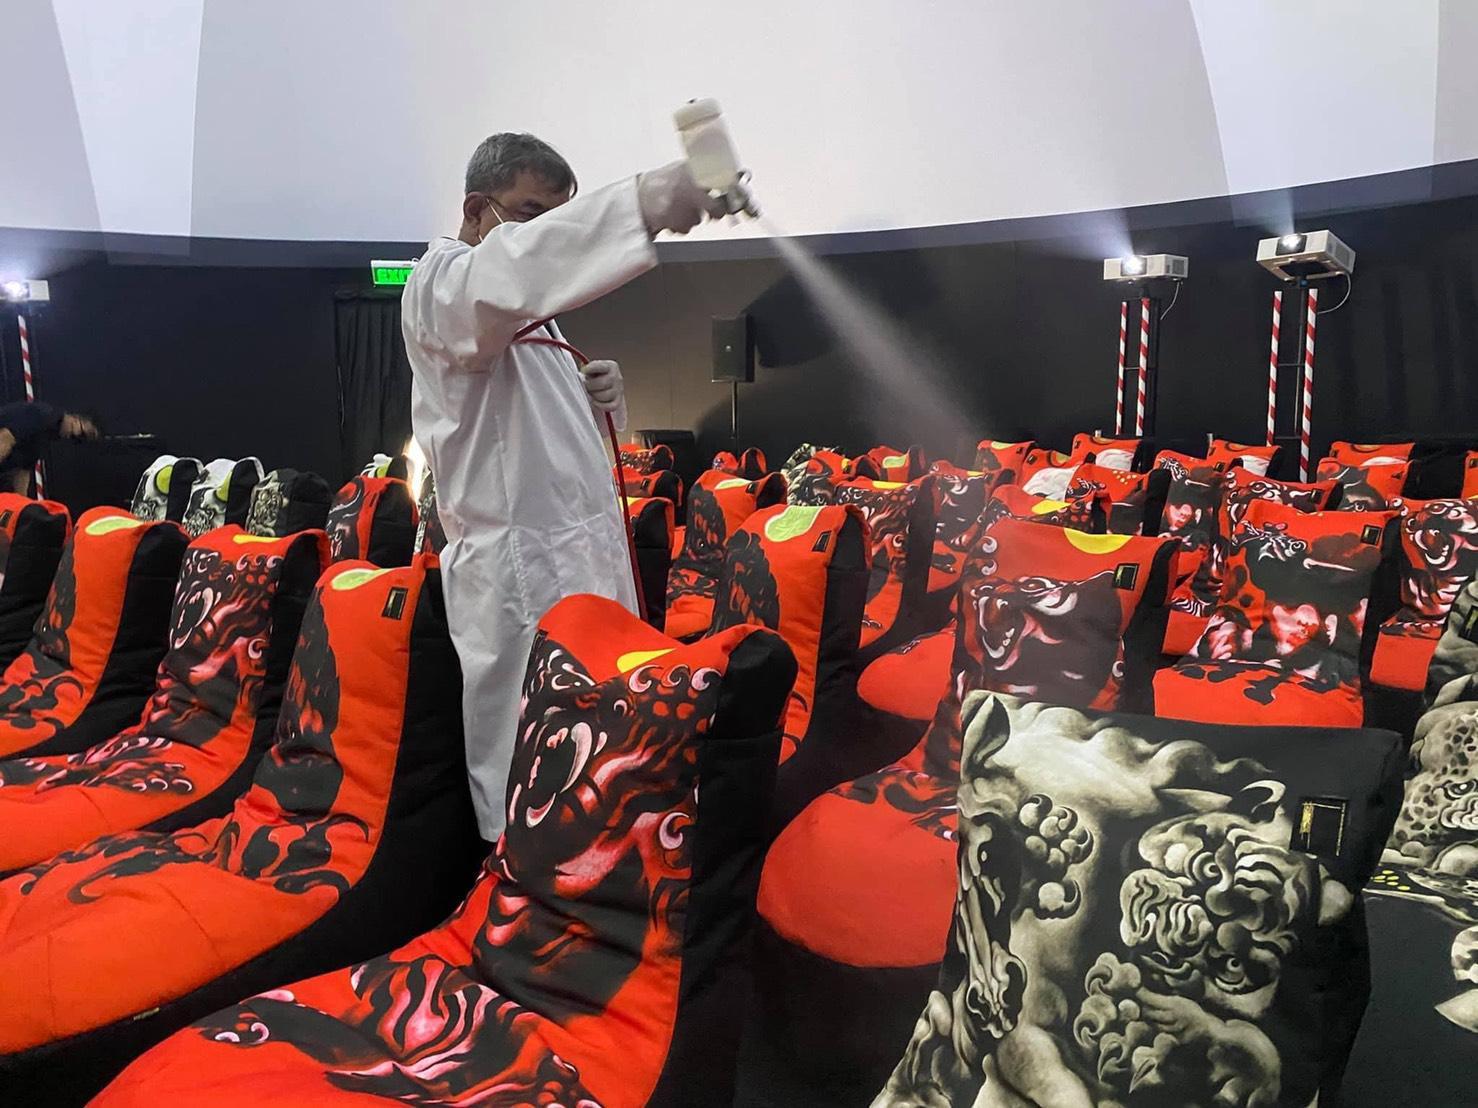 """พิพิธภัณฑ์บ้านดำ จับมือ ซีทีเอส กรุ๊ป ยกระดับมาตรการป้องกันไวรัส โควิด -19  สร้างความมั่นใจให้ผู้ชมงาน """"Immersive Art of Thawan Duchanee"""""""